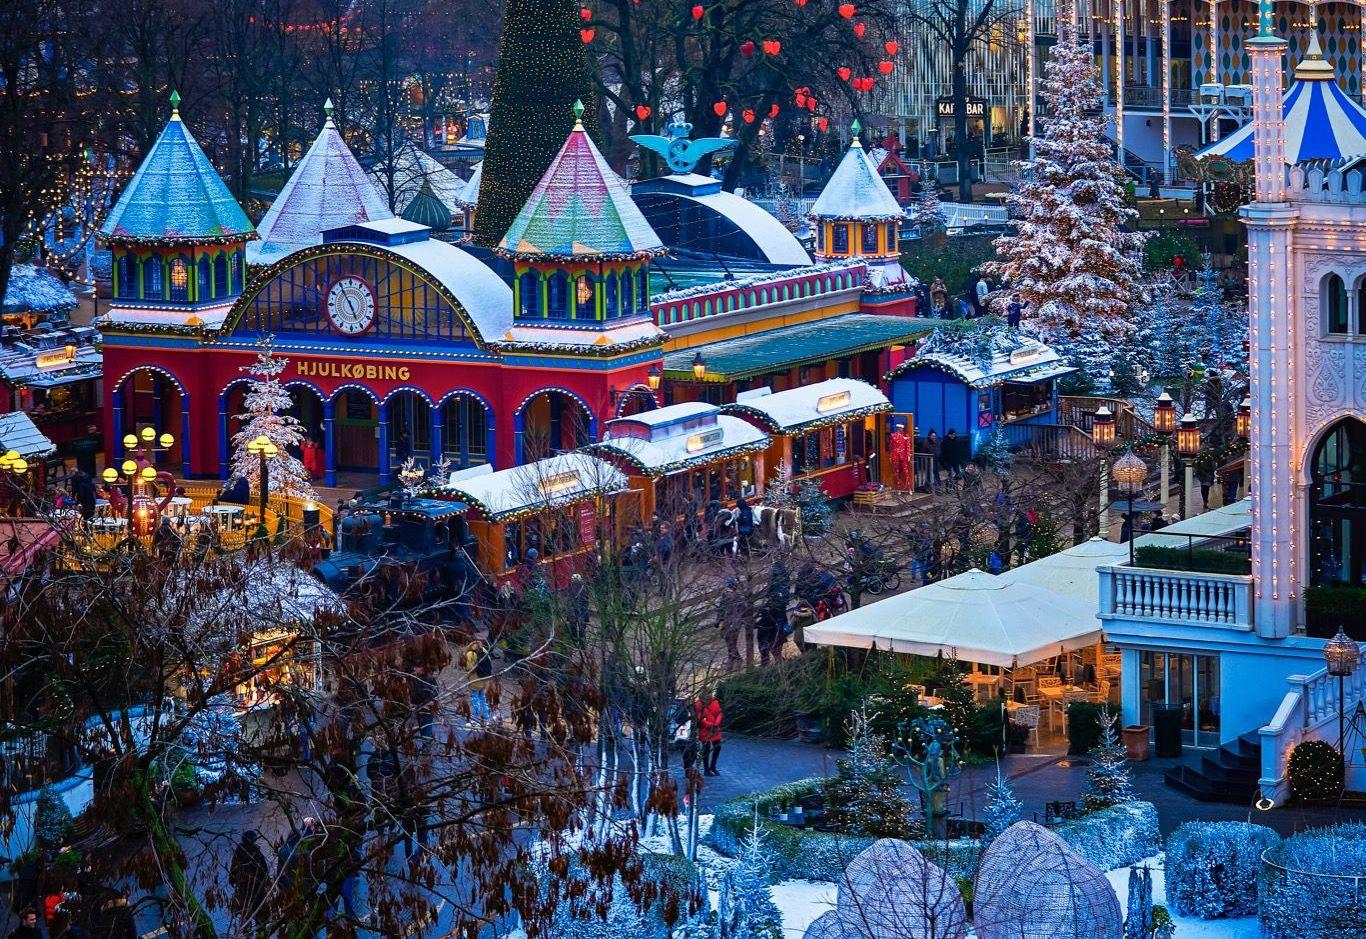 Et kig ned over Tivoli under julesæsonen sidste år – på lørdag begynder årets Jul i Tivoli. Der bruges i år over 30 millioner kroner på driften og klargøringen af Jul i Tivoli. Foto for Tivoli: Lasse Salling.